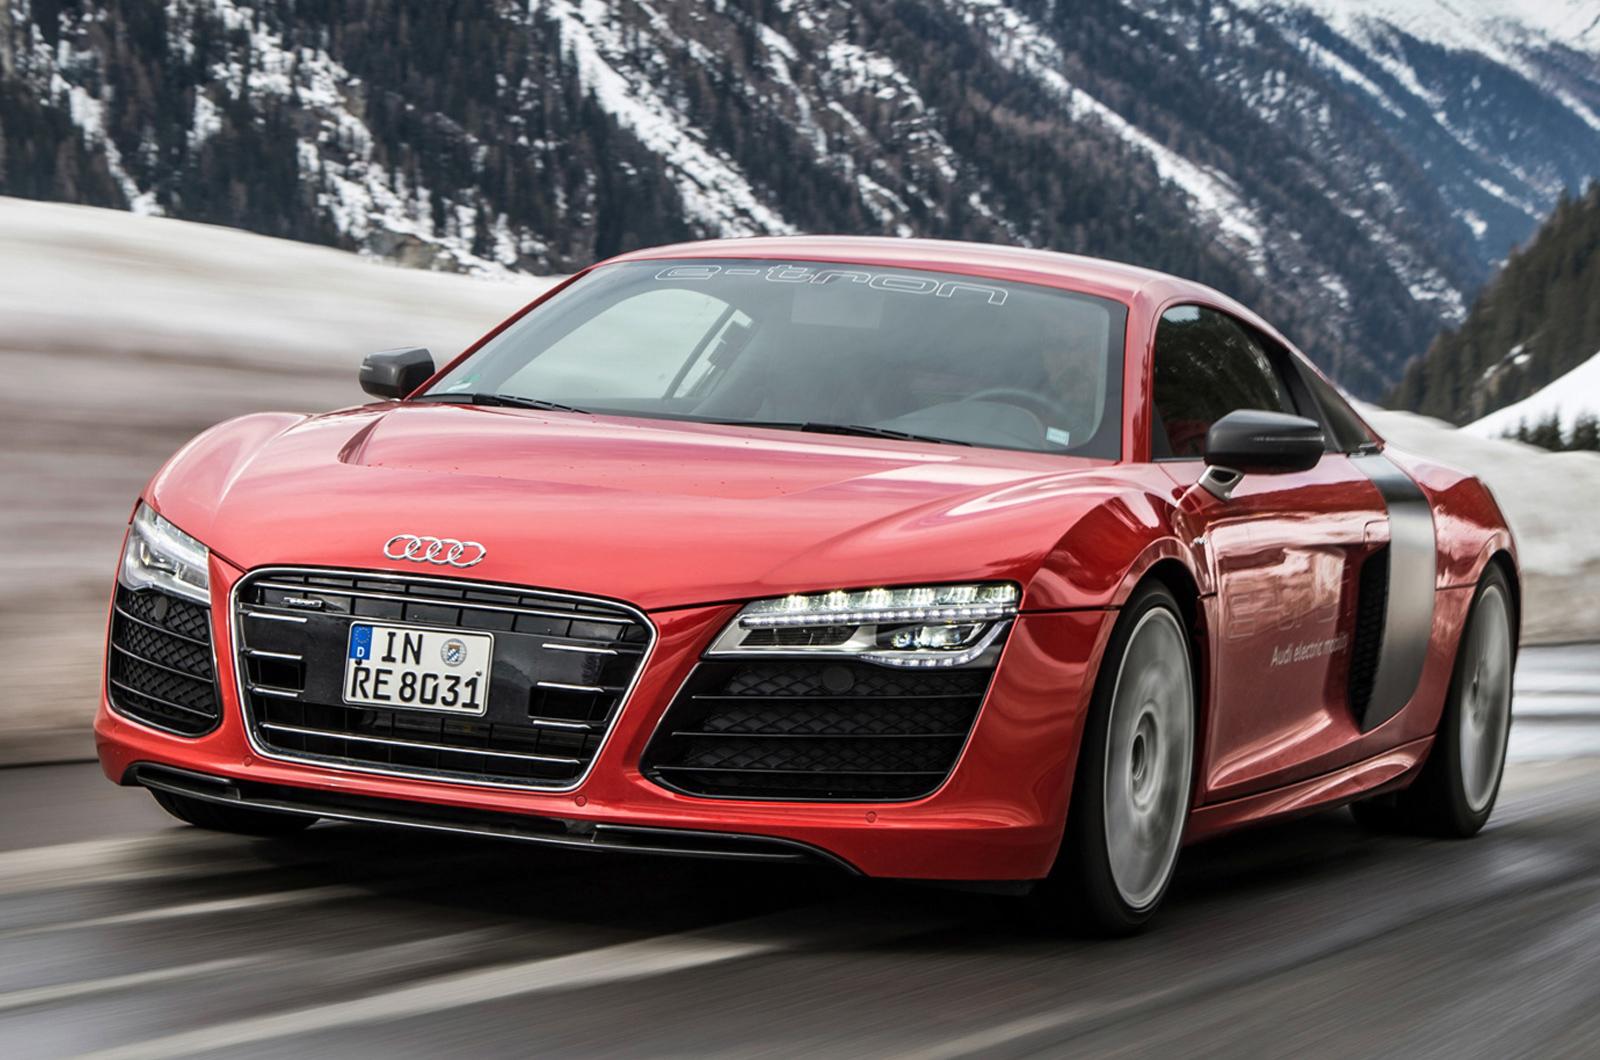 Kekurangan Audi P8 Review